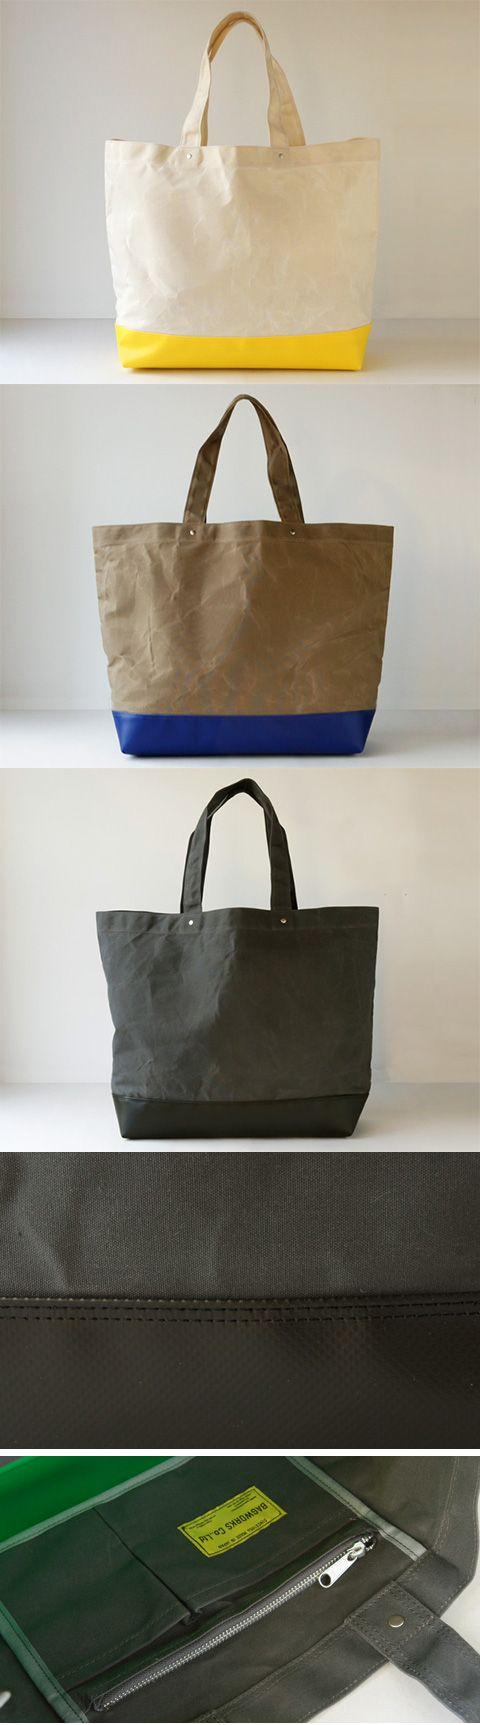 【BAGWORKS DEPARTMENTMAN L(中川政七商店)】/デパートで使われている紙袋のサイズ感をもとにデザインしたトートバッグです。本体は厚地の綿をパラフィン加工で仕上げ、防水処理された素材を使用しています。底には厚めのターポリンを使い、長年使える丈夫さと汚れ対策を実現しました。内部にはファスナー付ポケットと携帯とお財布が入る仕切りポケットが付いています。綿パラフィン加工の素材は、その特性上、生地表面に折れシワ・白化がでます。 #bag #bagworks